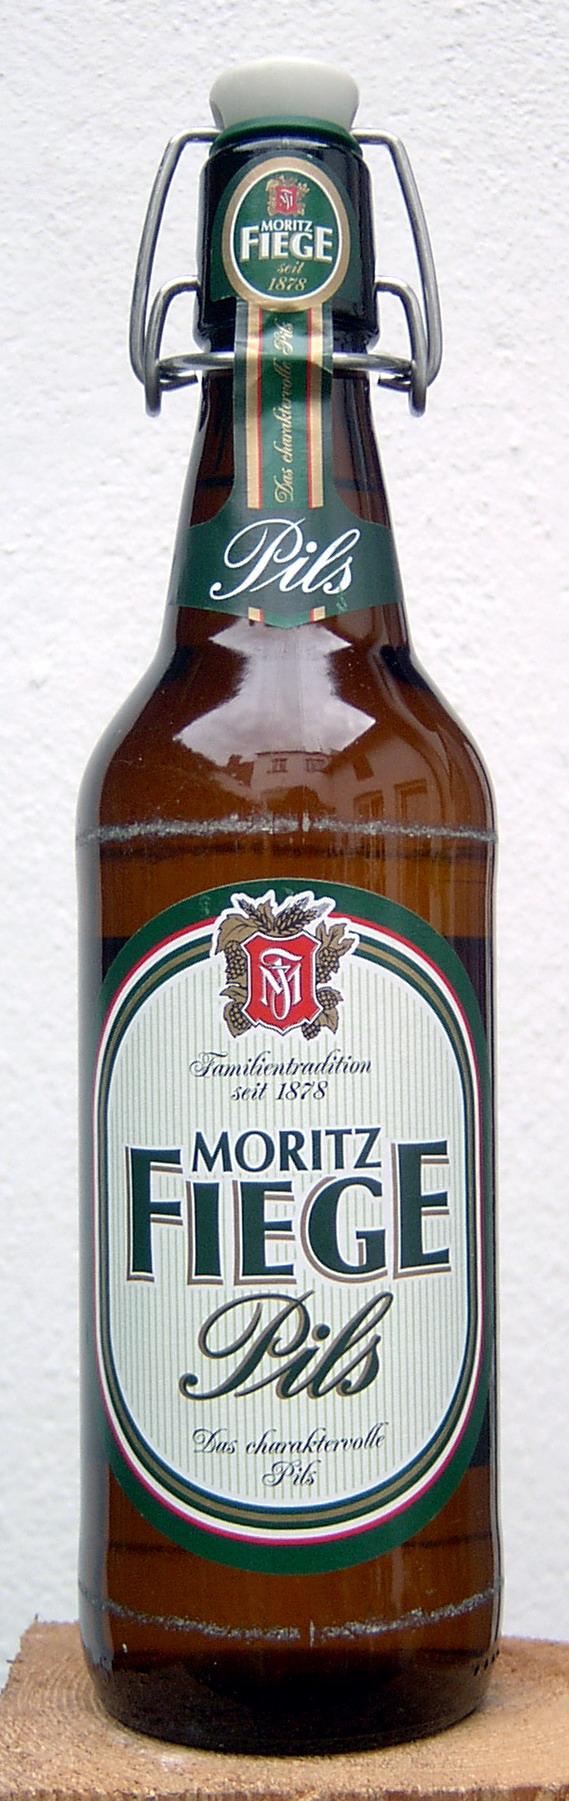 bier dichte tabelle